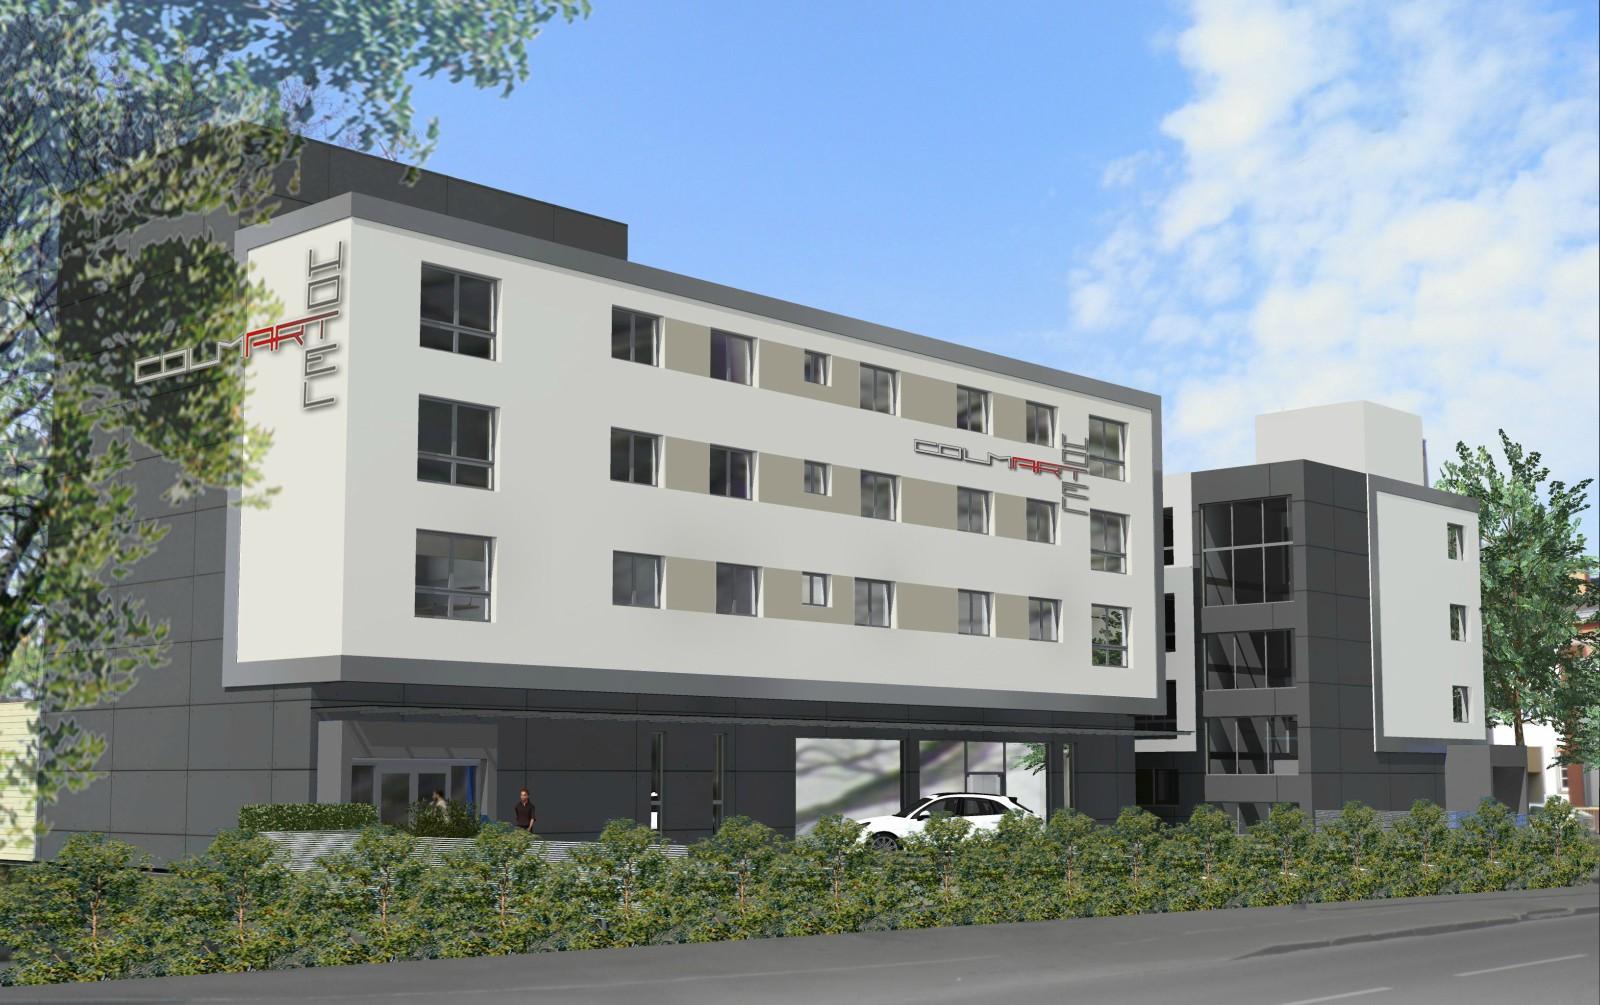 Colmar Hôtel www.colmarhotel.fr/